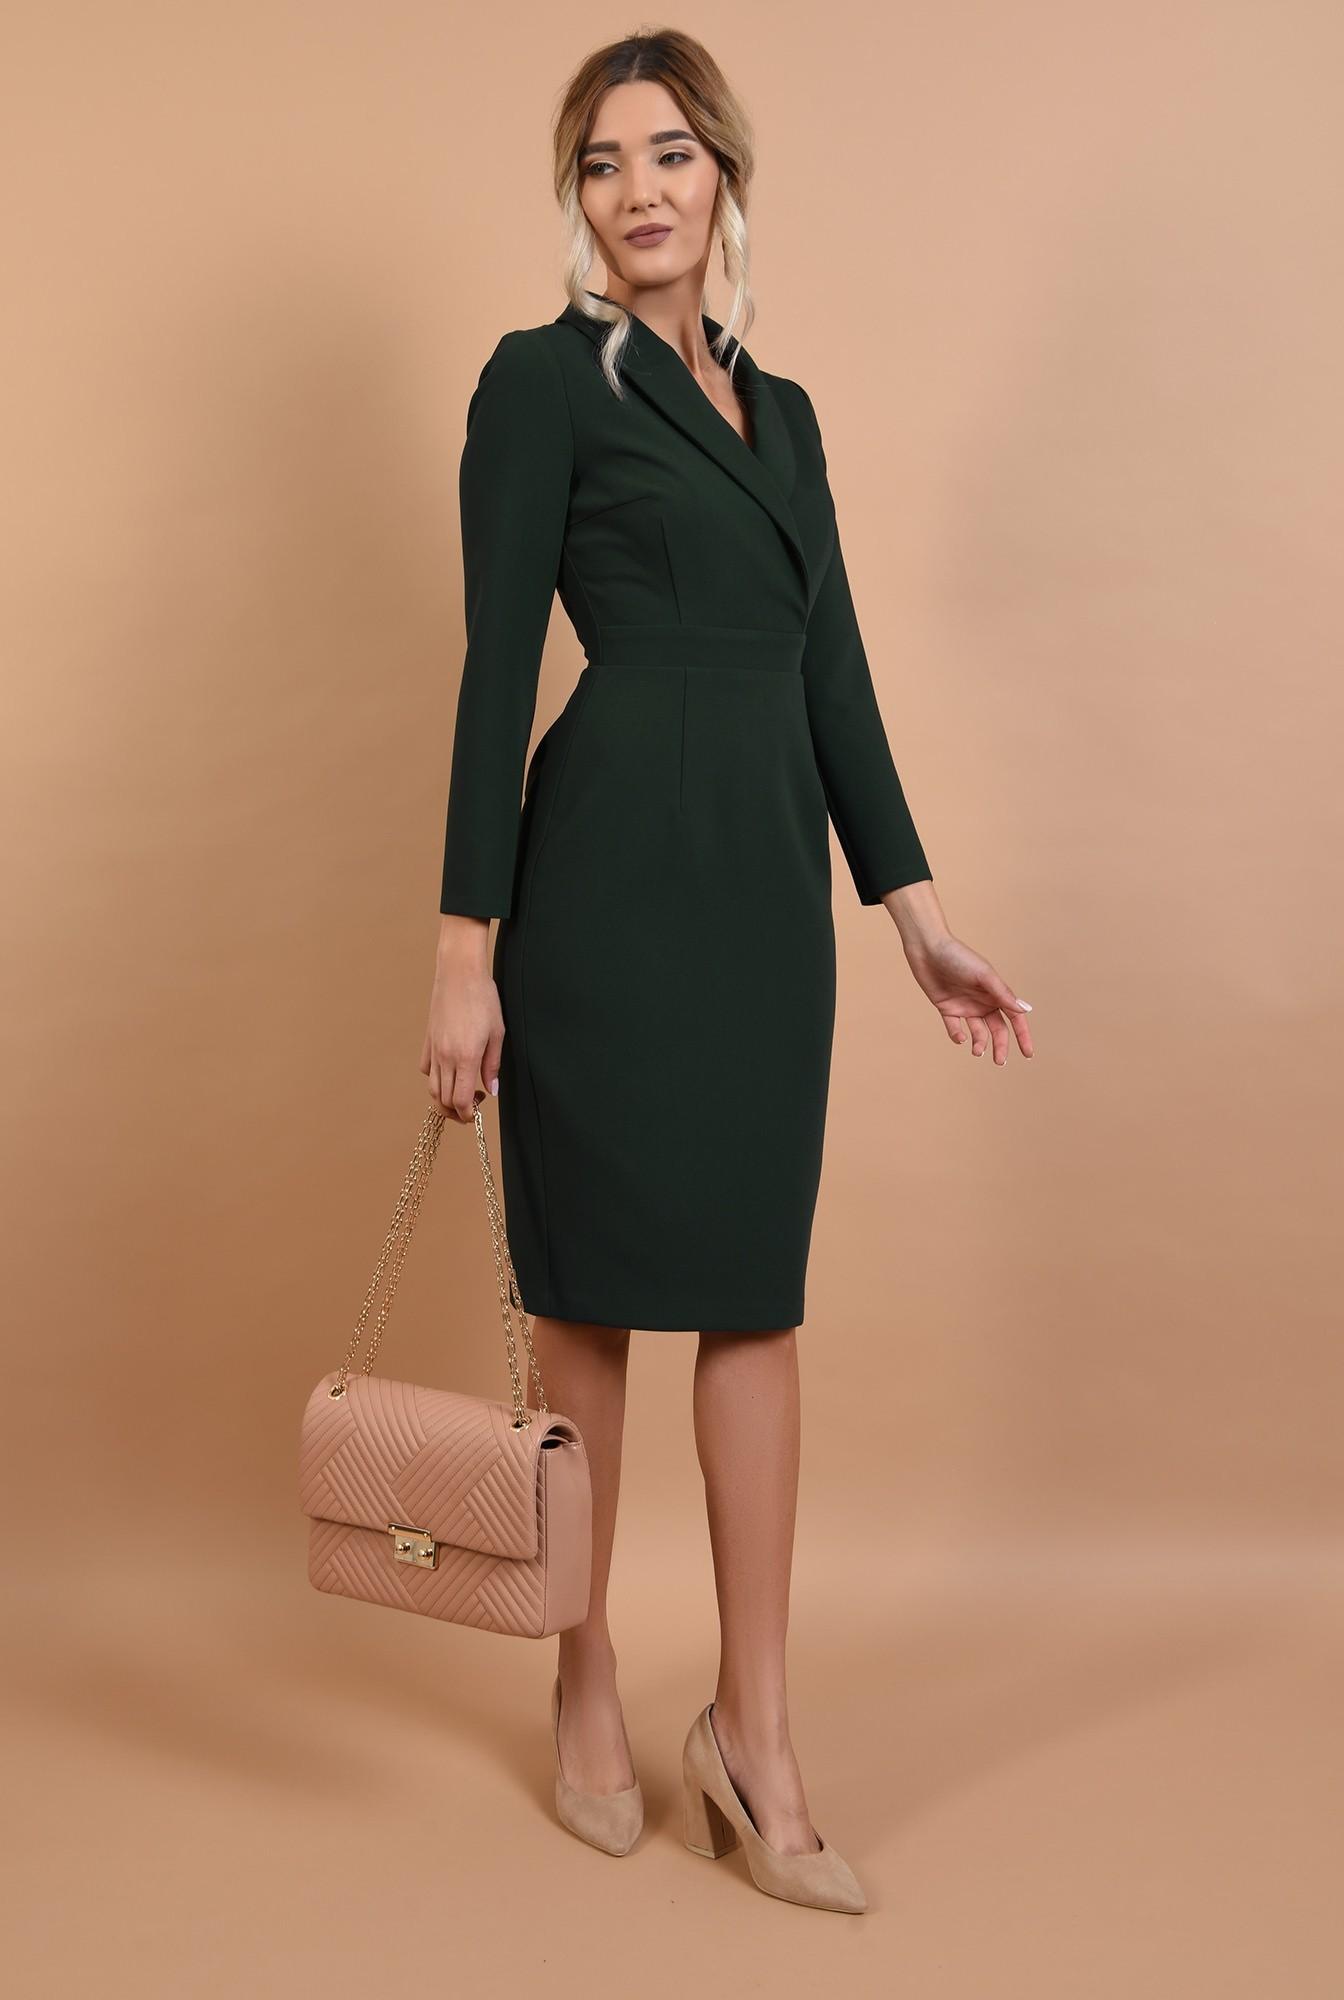 3 - rochie office, verde, cu revere, cu maneci lungi, Poema